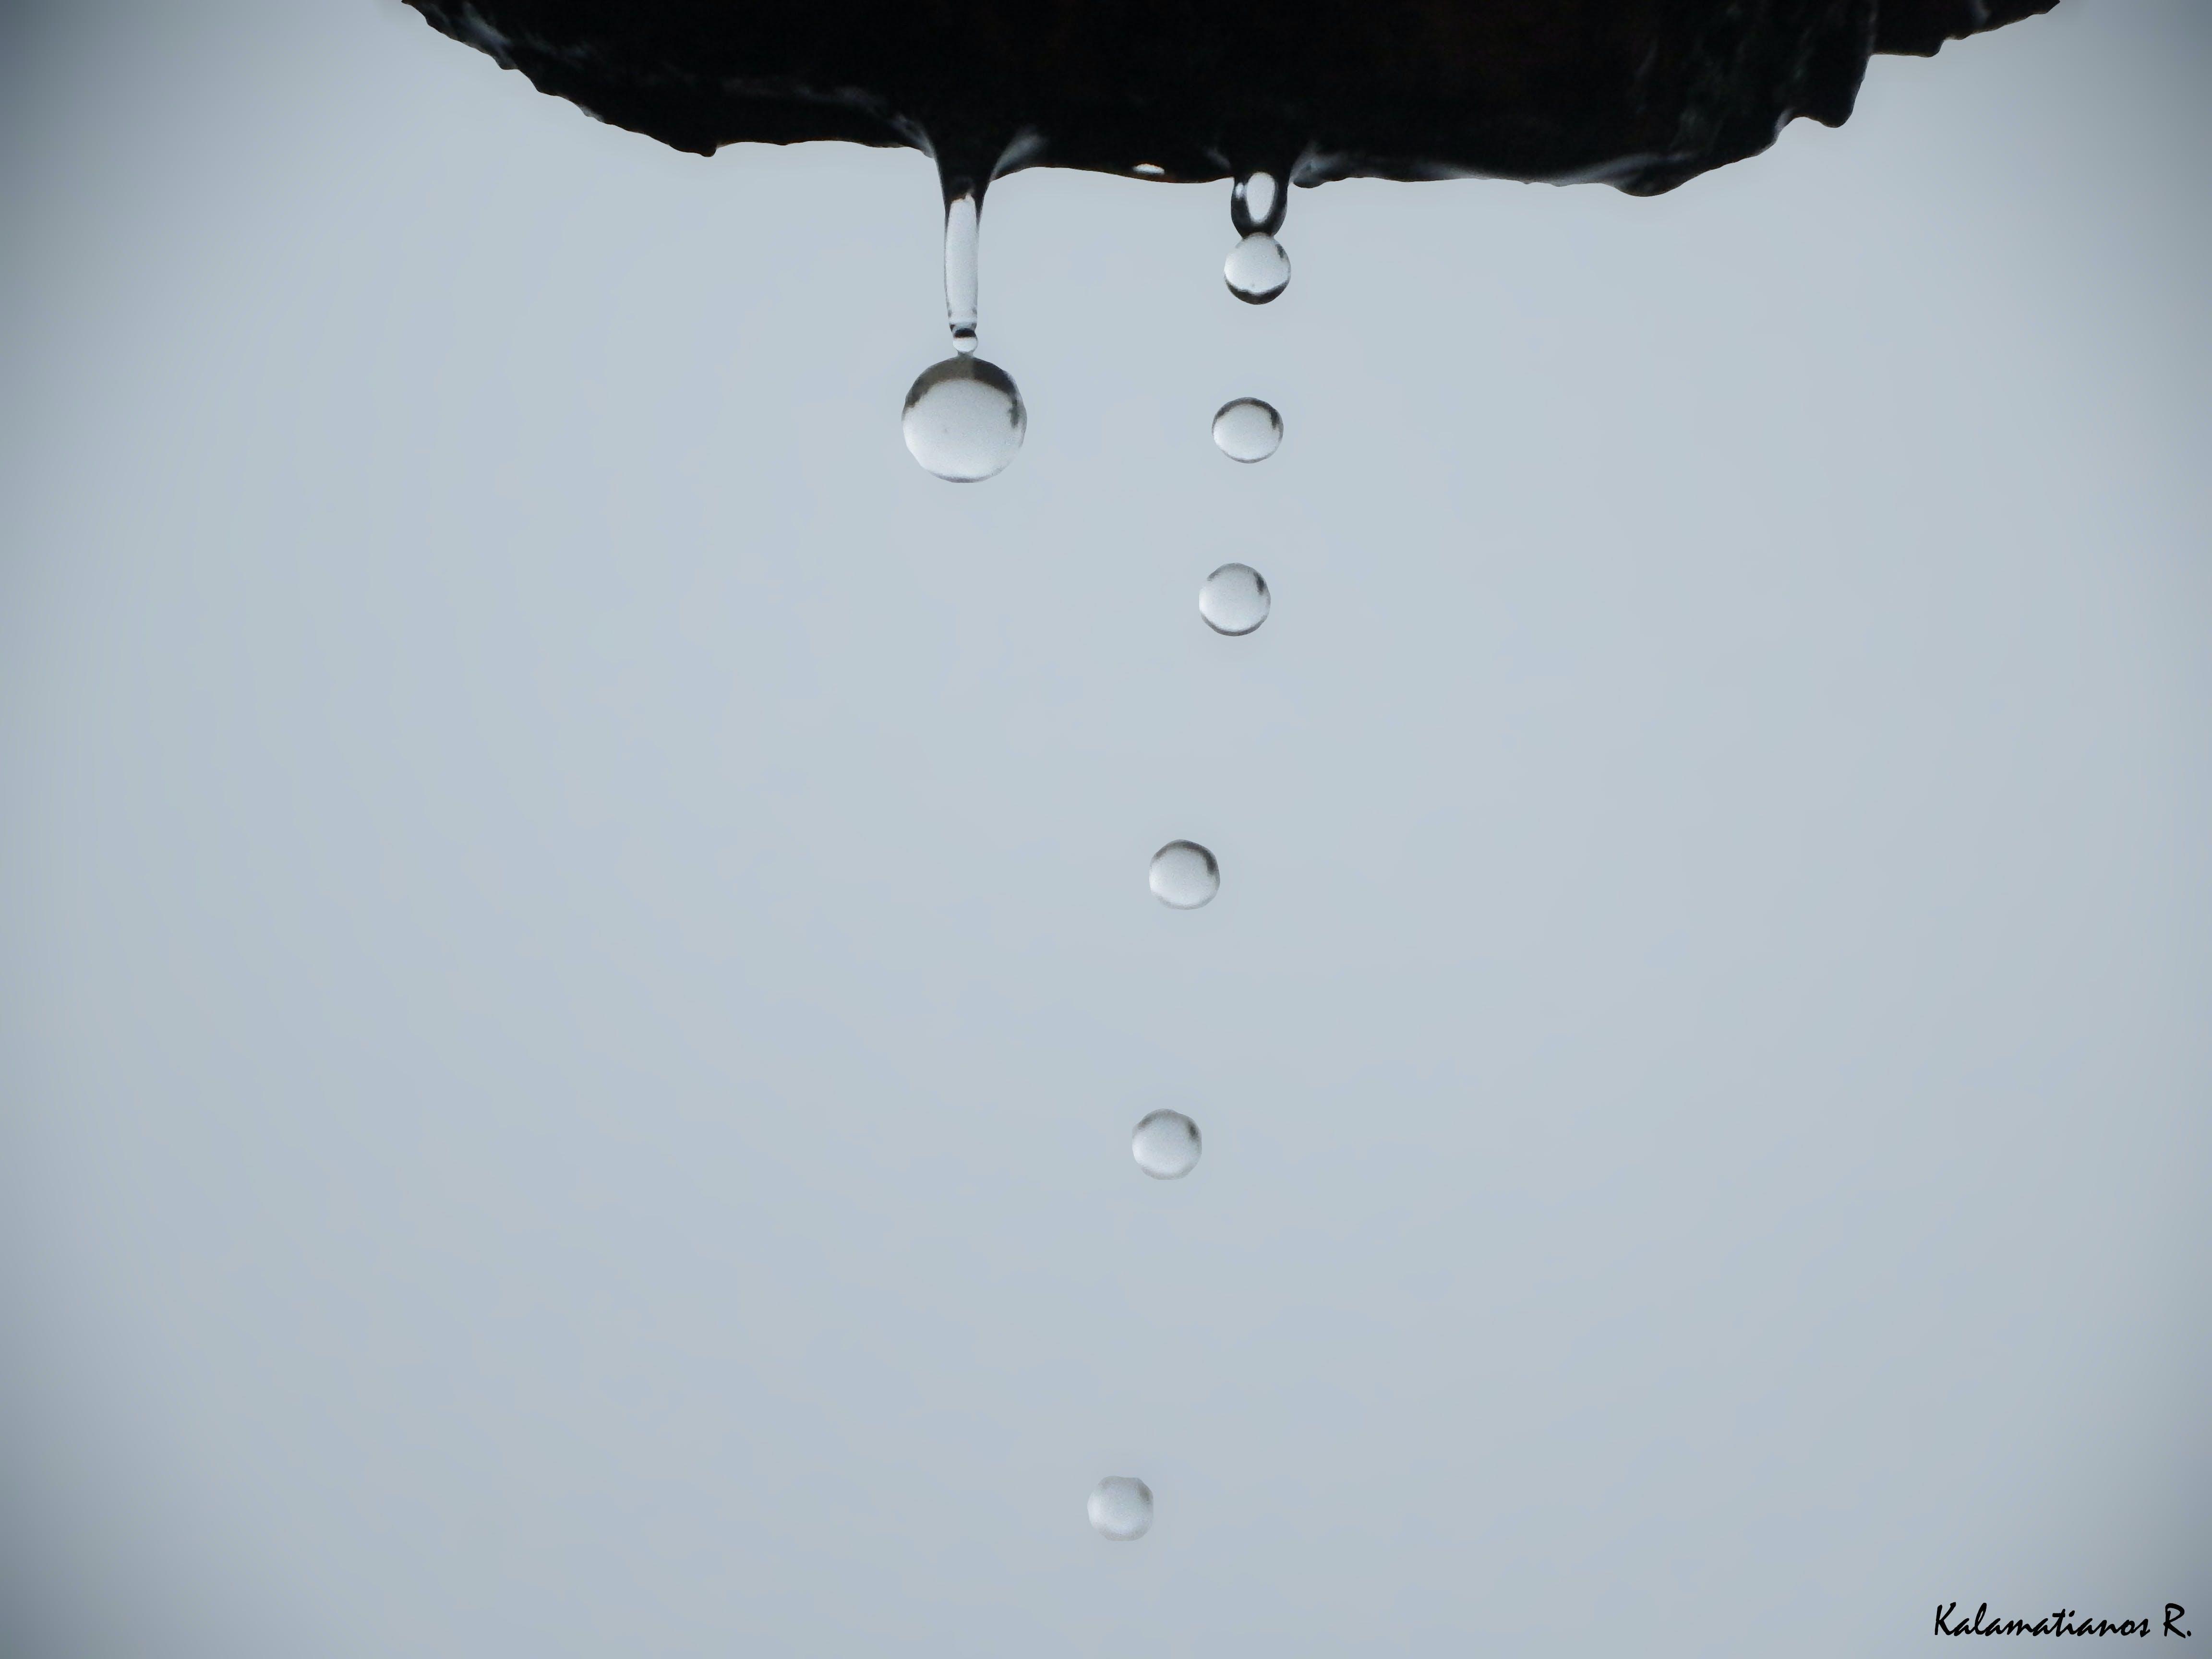 Kostenloses Stock Foto zu regen tropfen, tropfen, wasser, wassertropfen